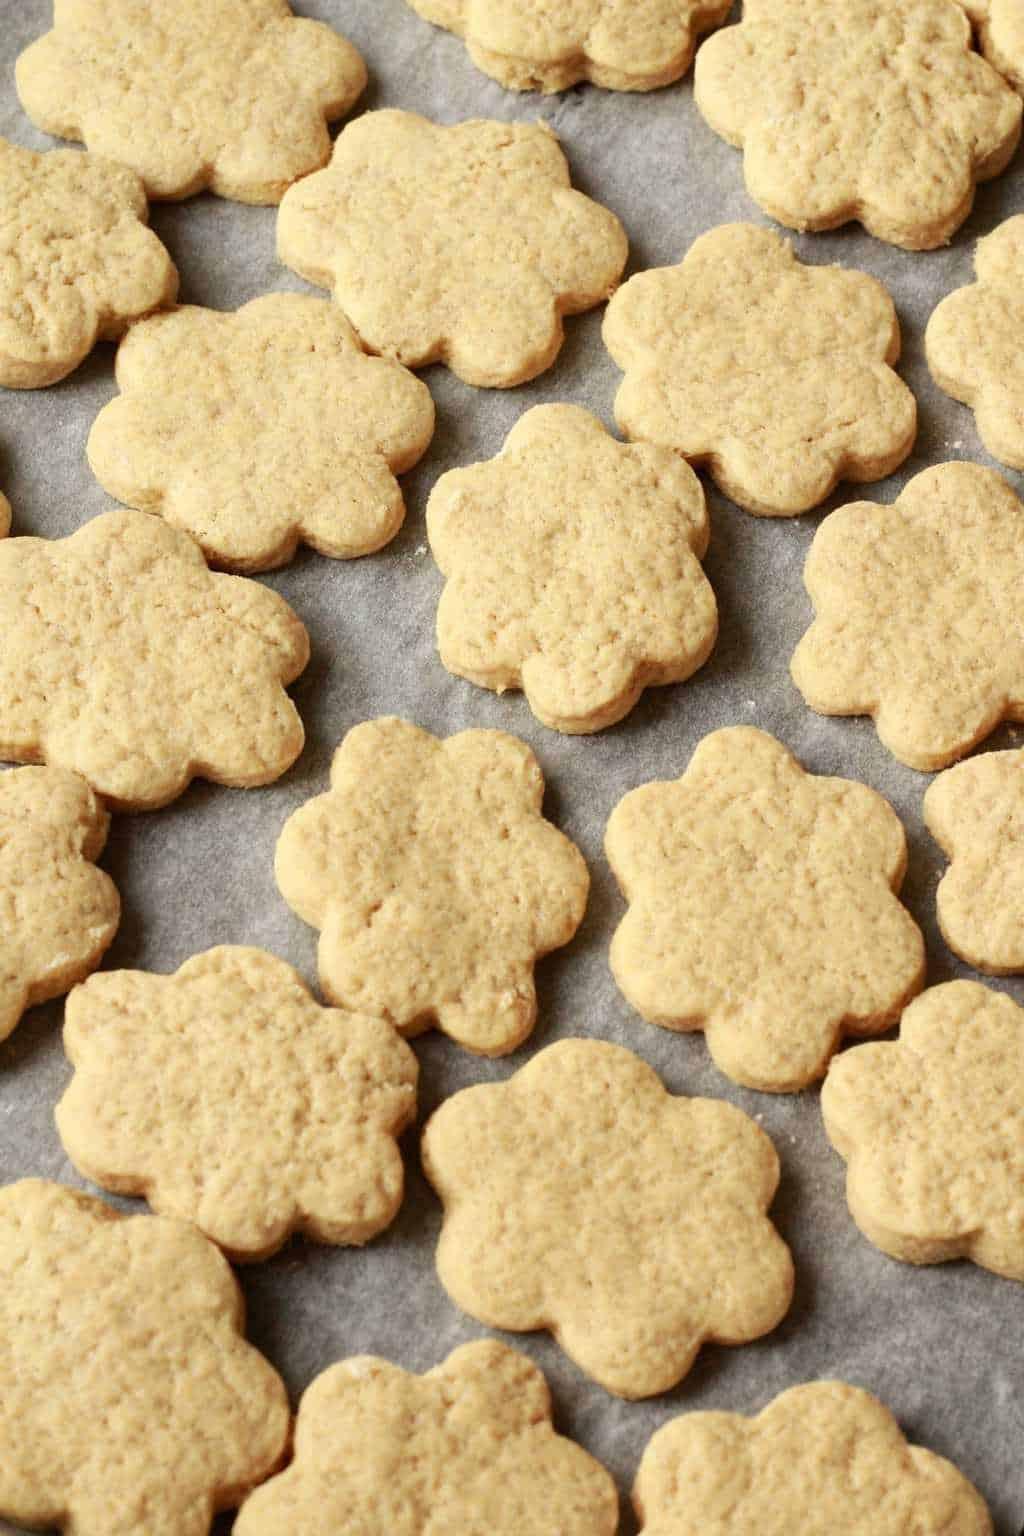 Making vegan sugar cookies. Perfect for any occasion! #vegan #lovingitvegan #dessert #cookies #sugarcookies